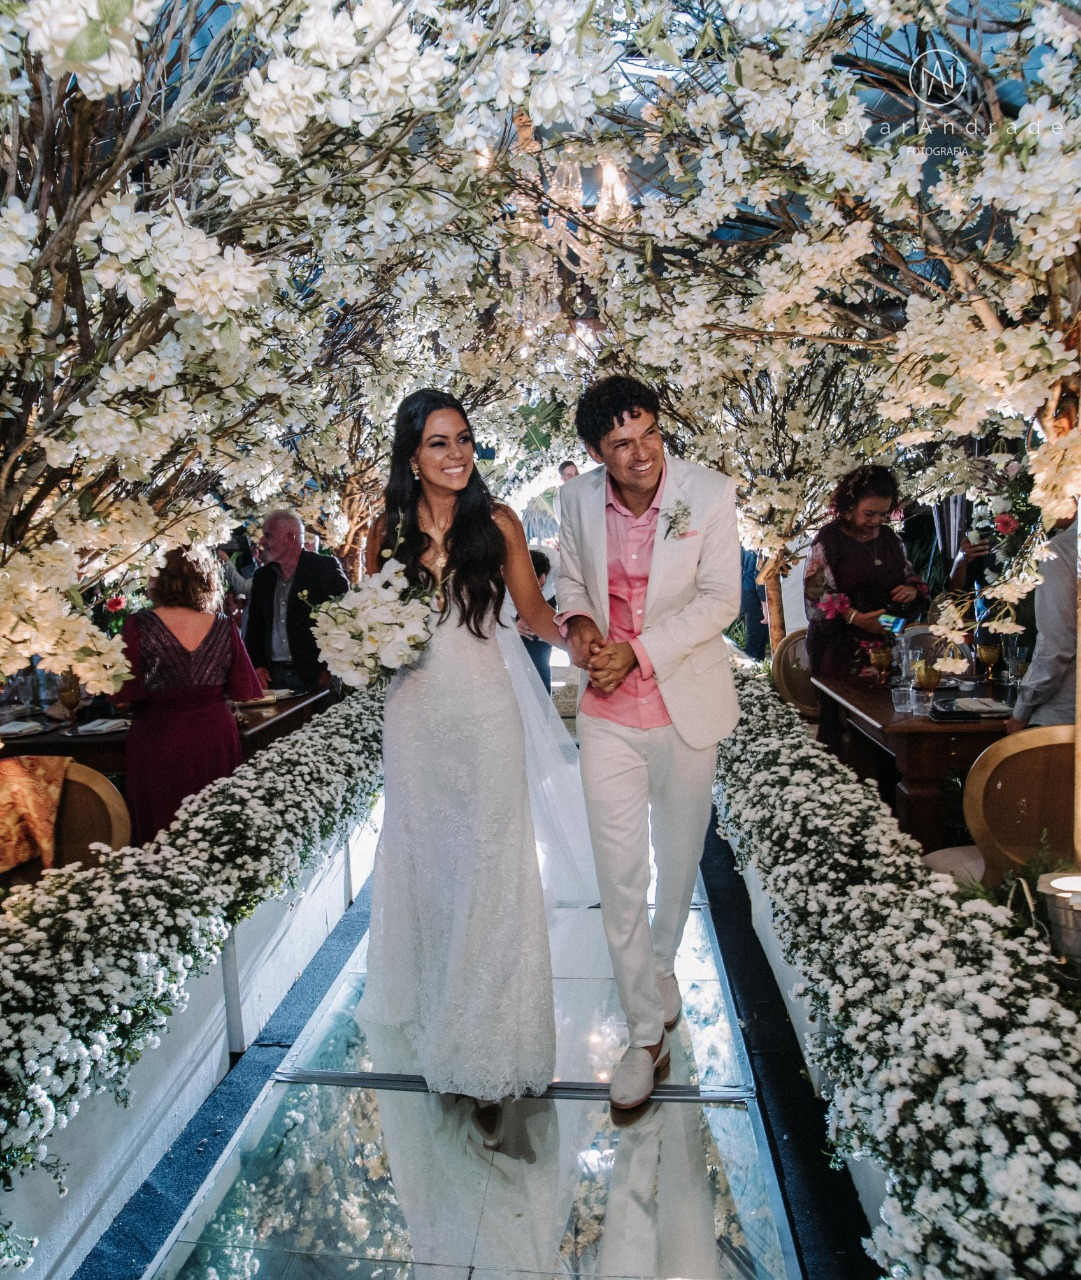 casamento jorge vercillo e martha suarez